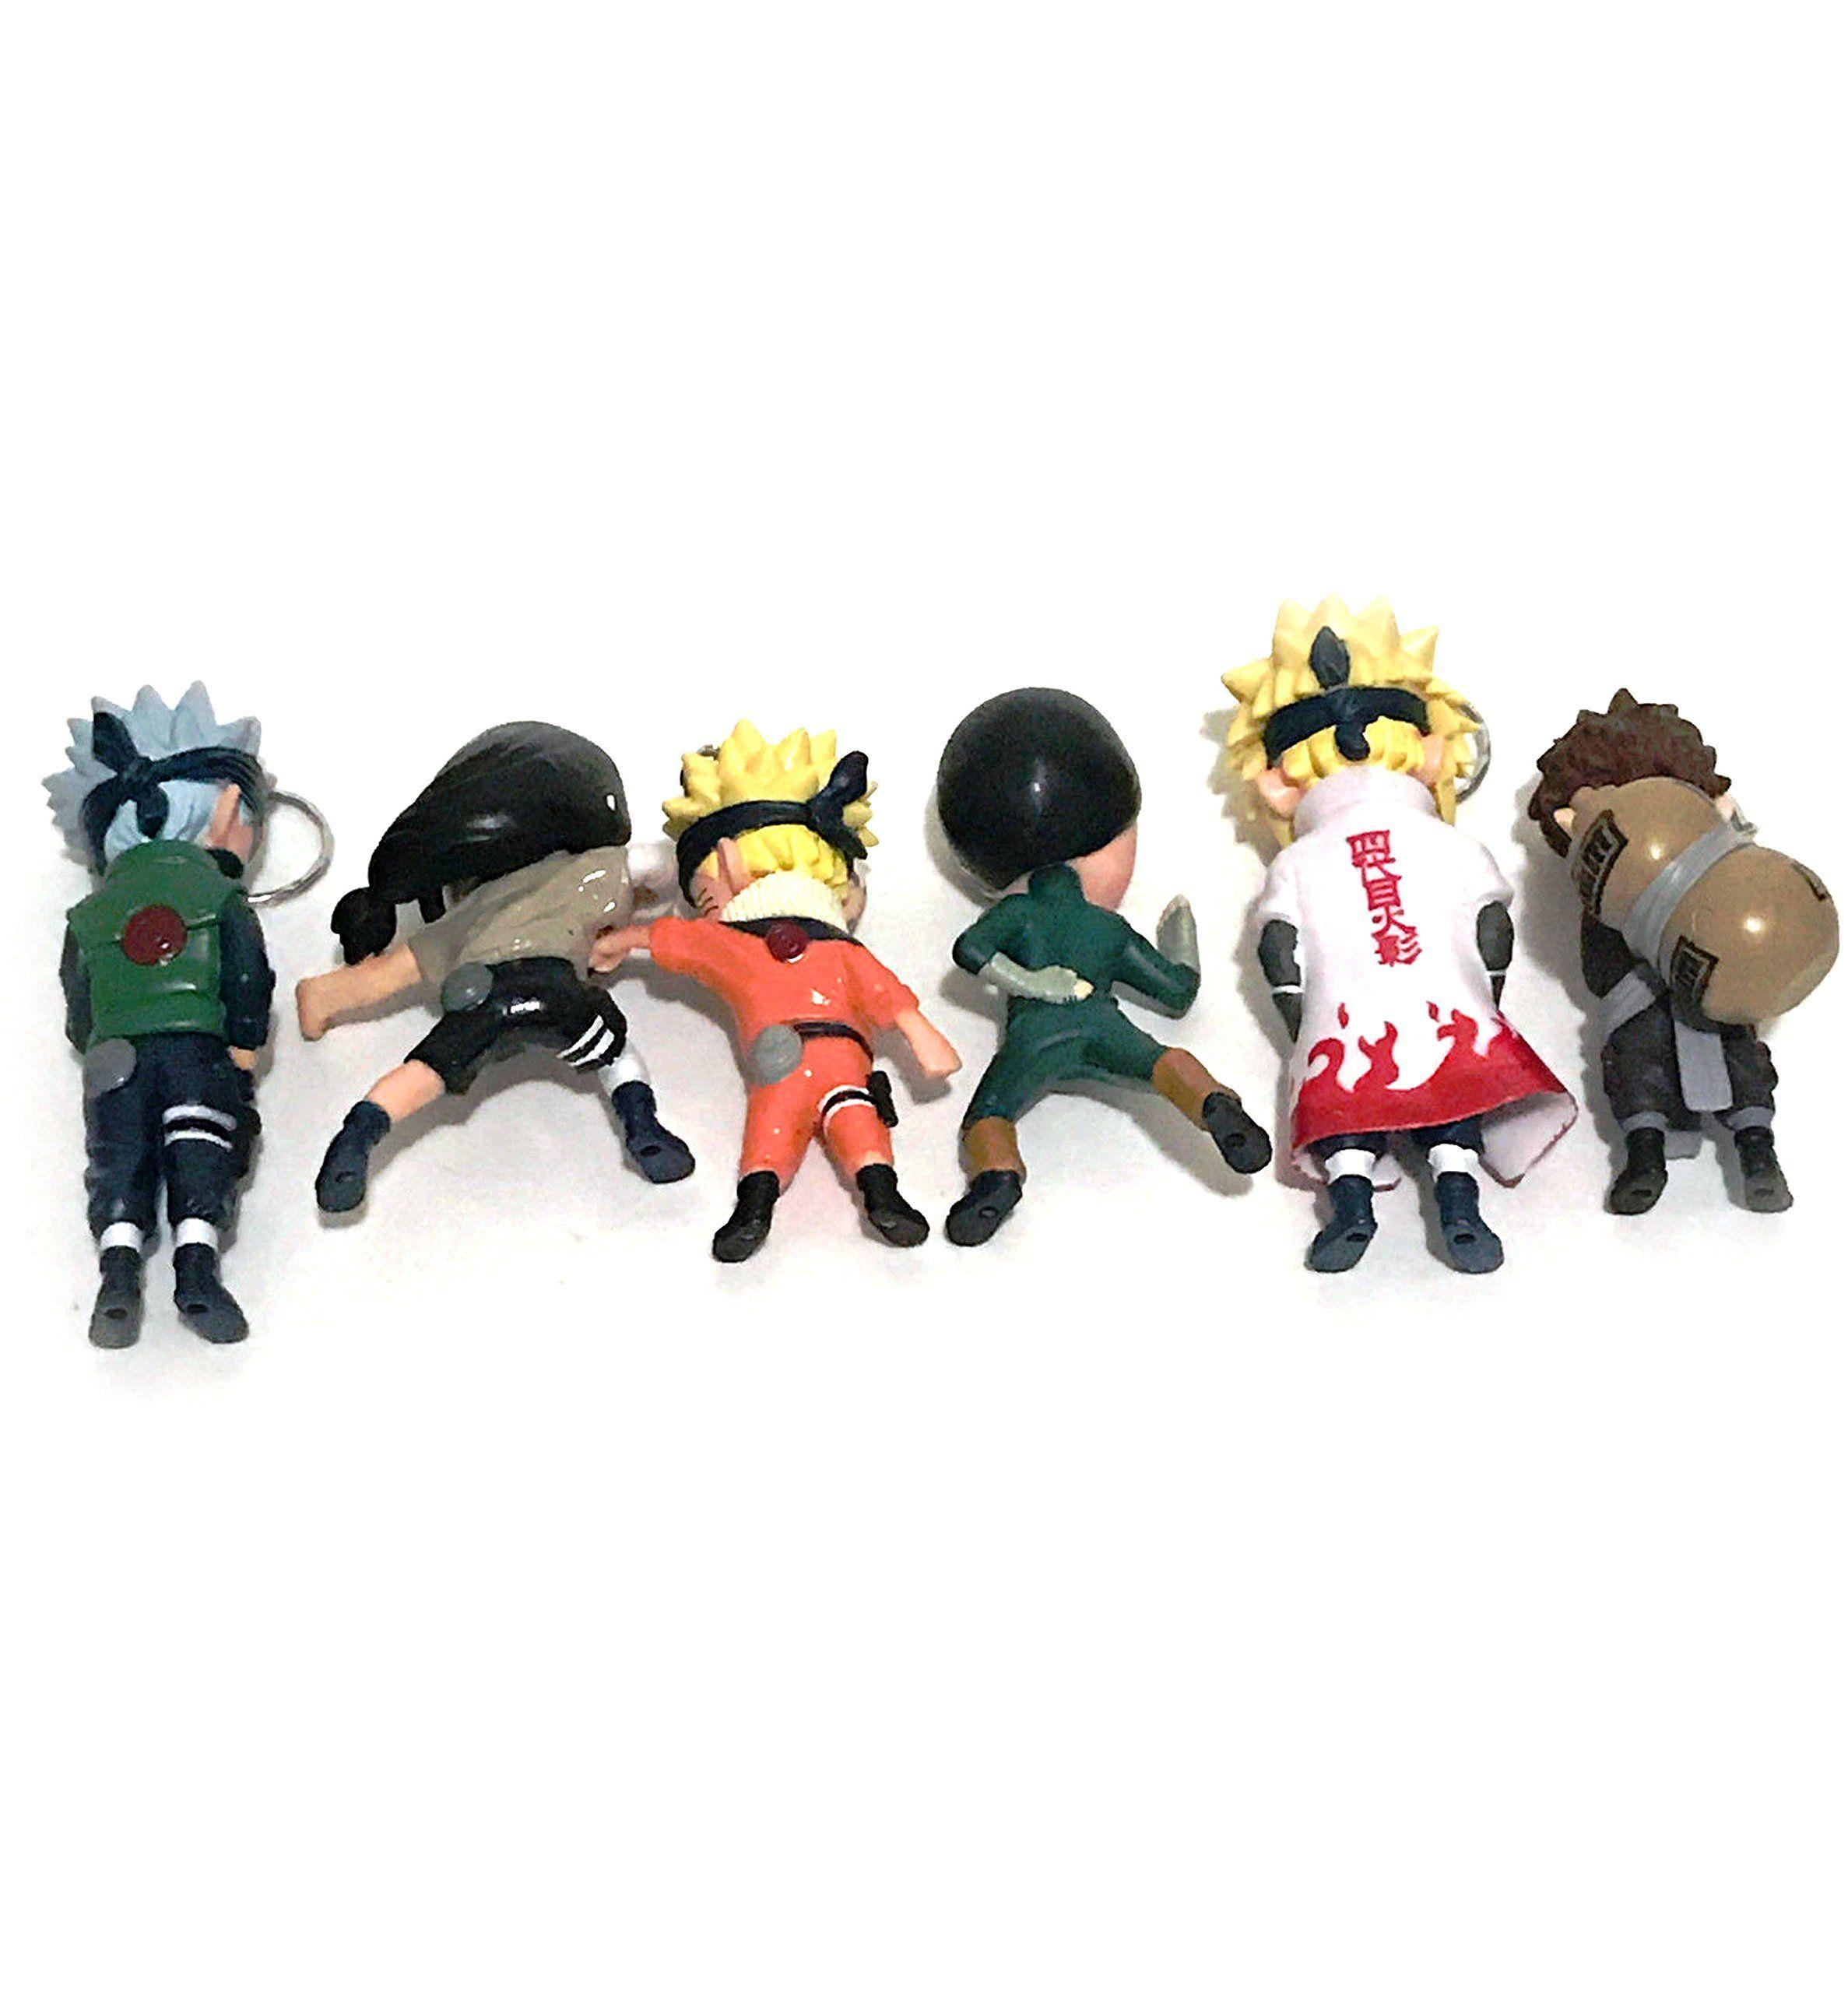 Japanese anime Naruto anime characters 6pcs Set PVC Figure 6 cm//M